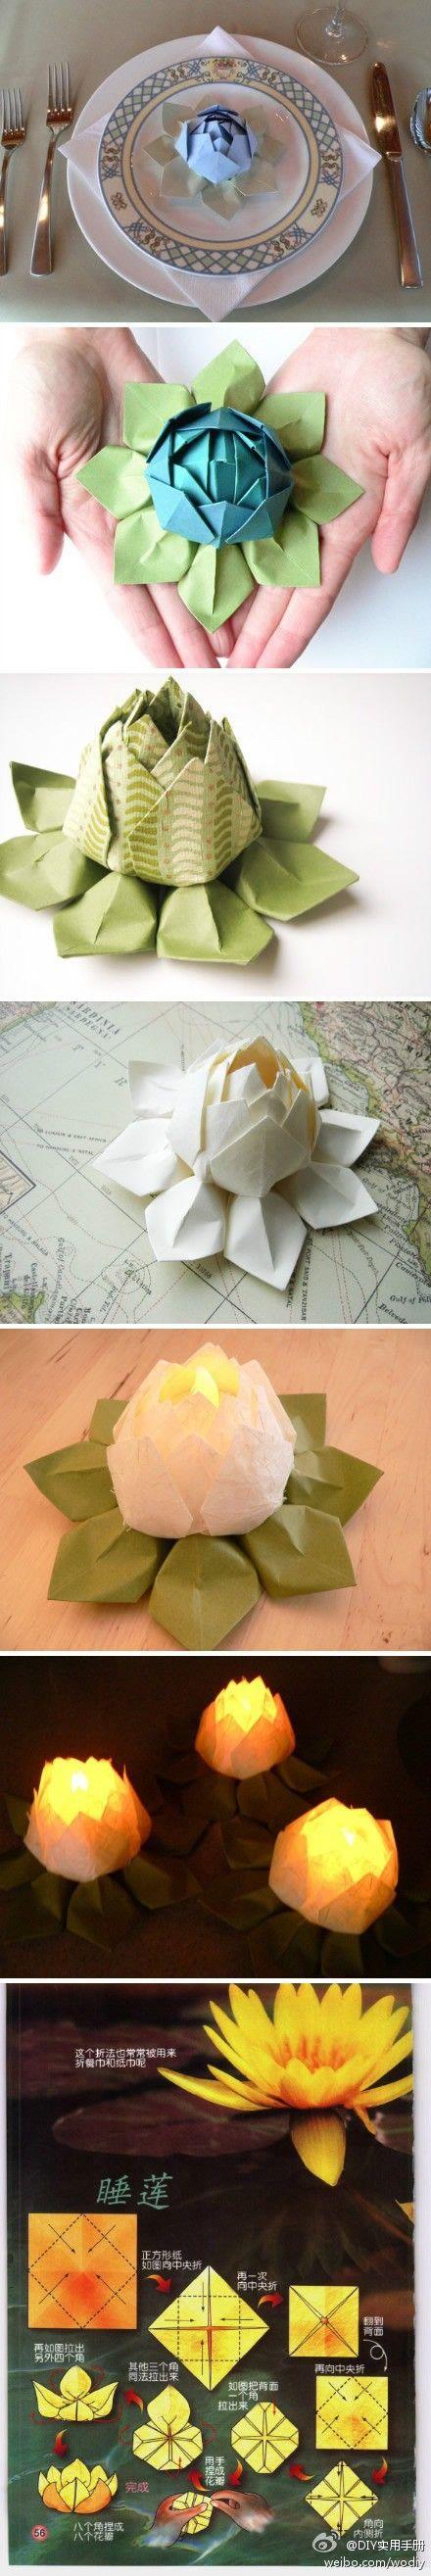 Flor de lotus origami pinterest flor flor de loto y origami - Origami fleur de lotus ...